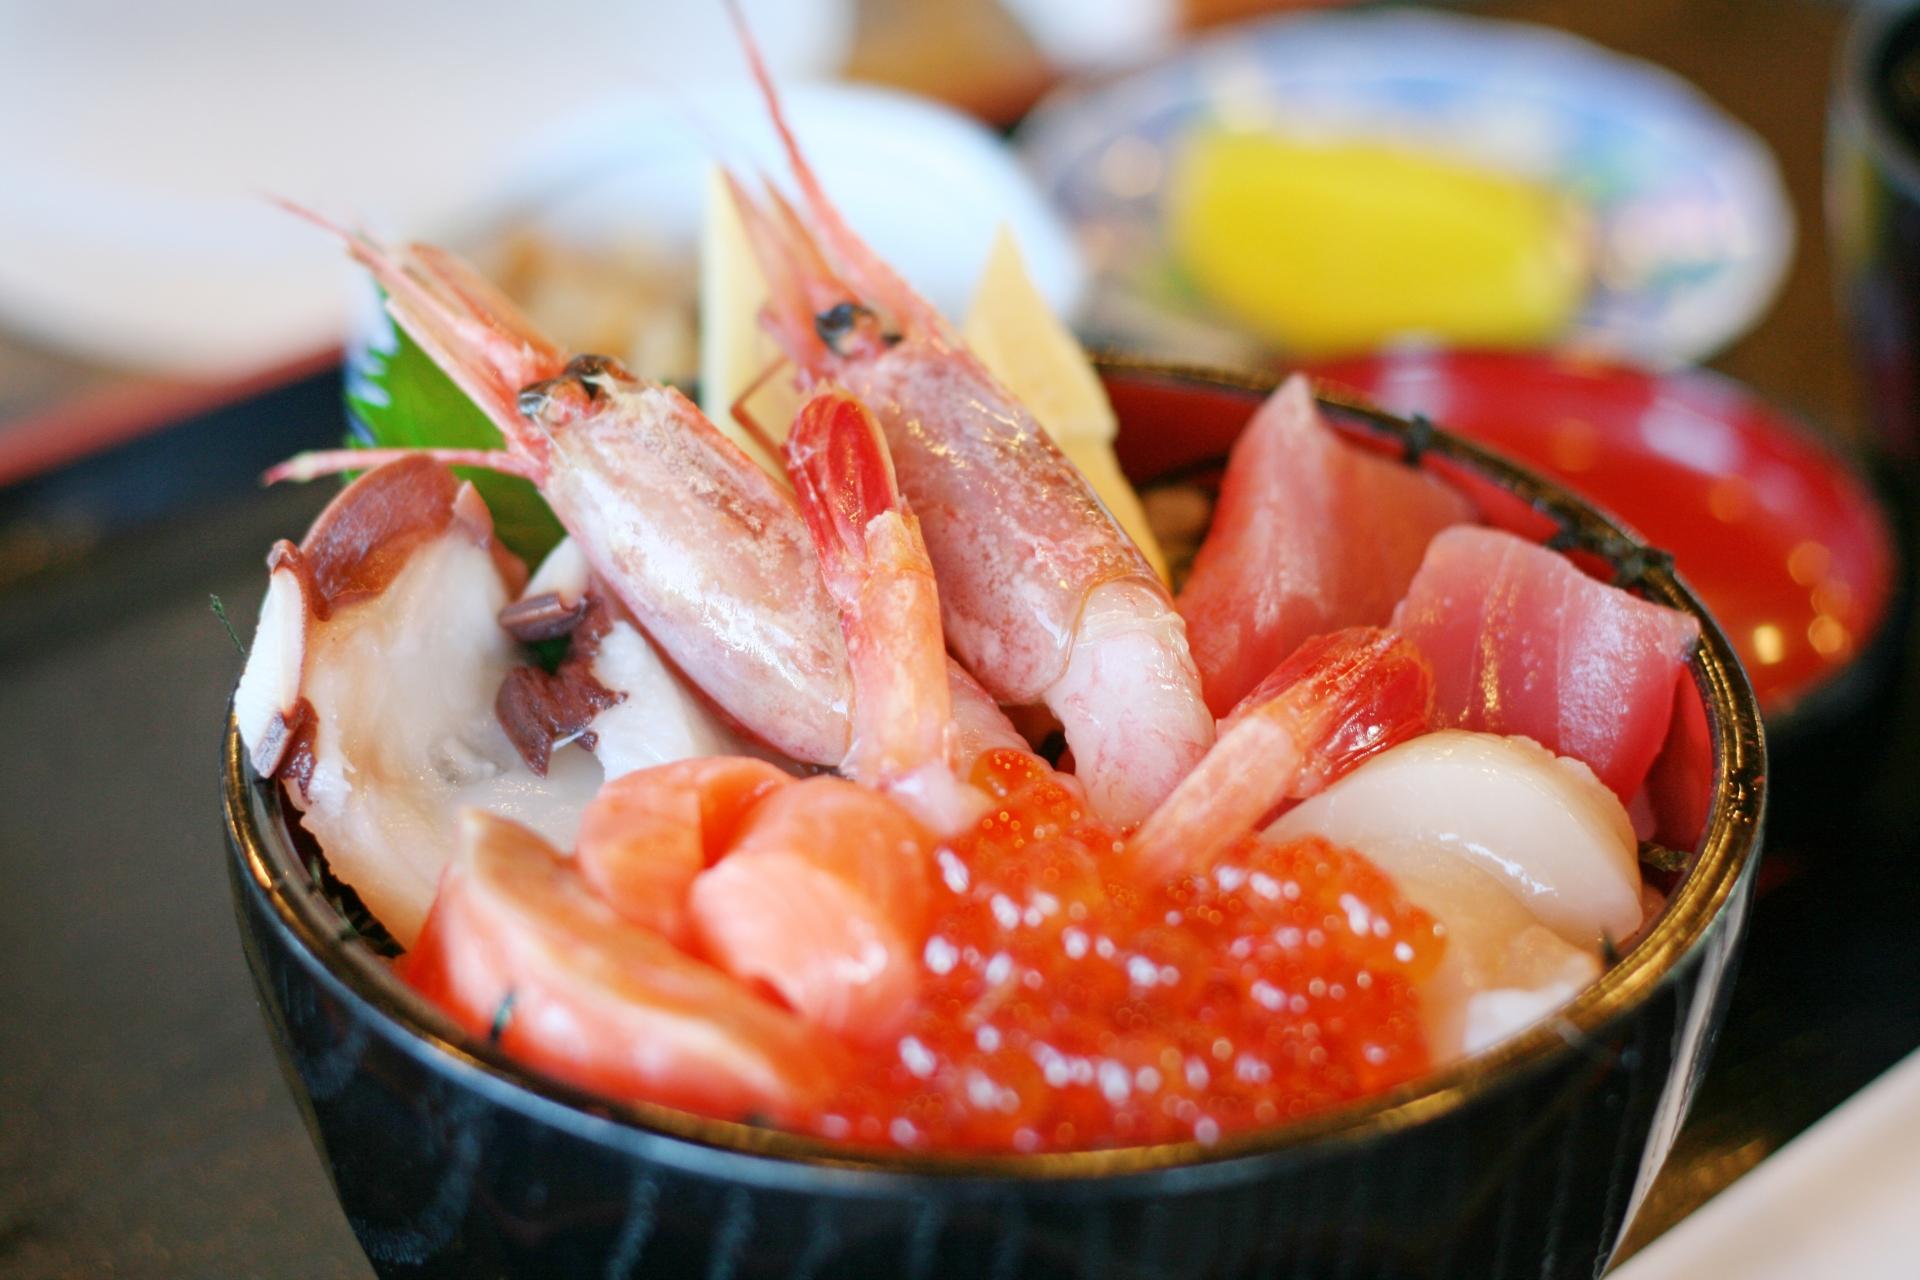 福井の海鮮丼おすすめランキングTOP13!人気のお店をご紹介!